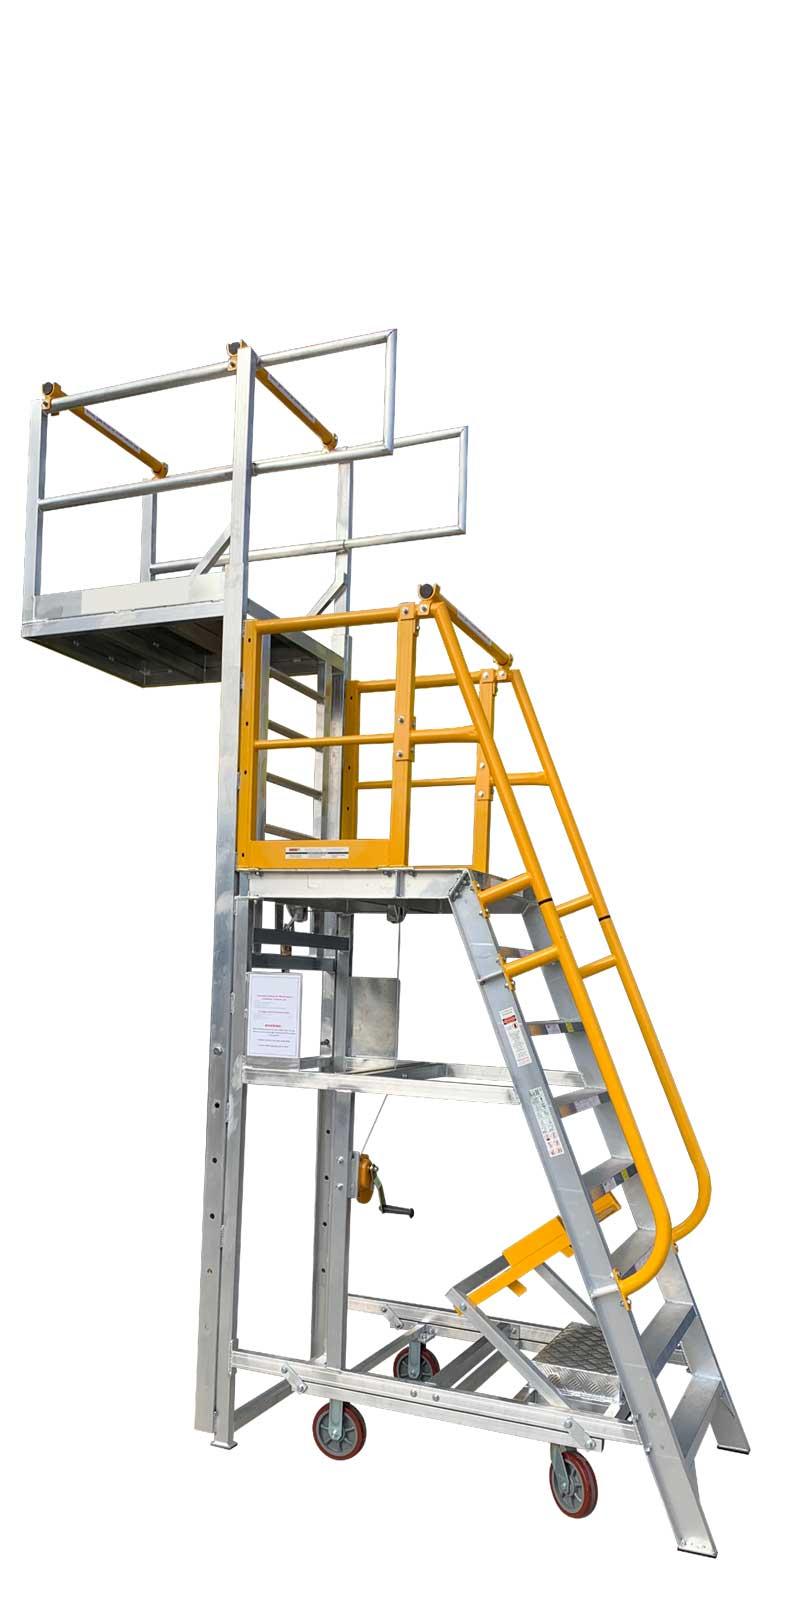 ADJP1400 Adjustable Cantilever Work platform Raised